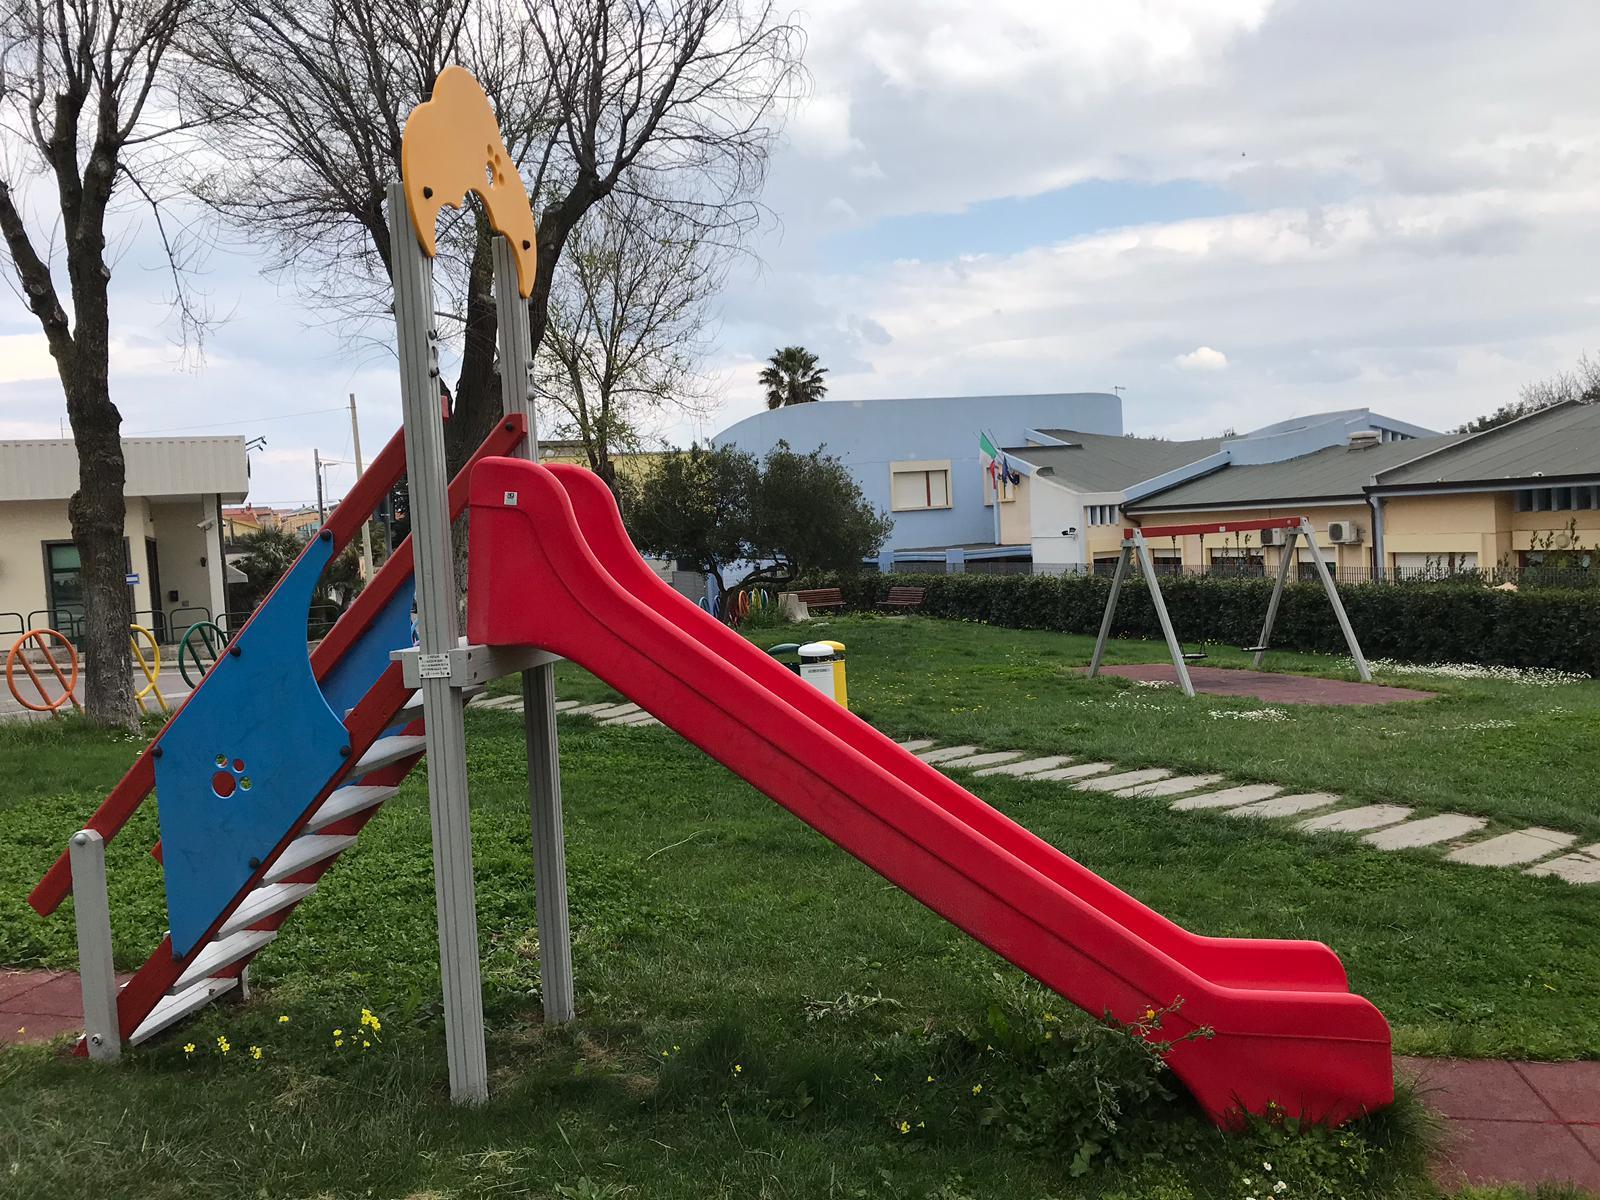 Riverniciature e messa in sicurezza dei giochi per i bambini in un parco